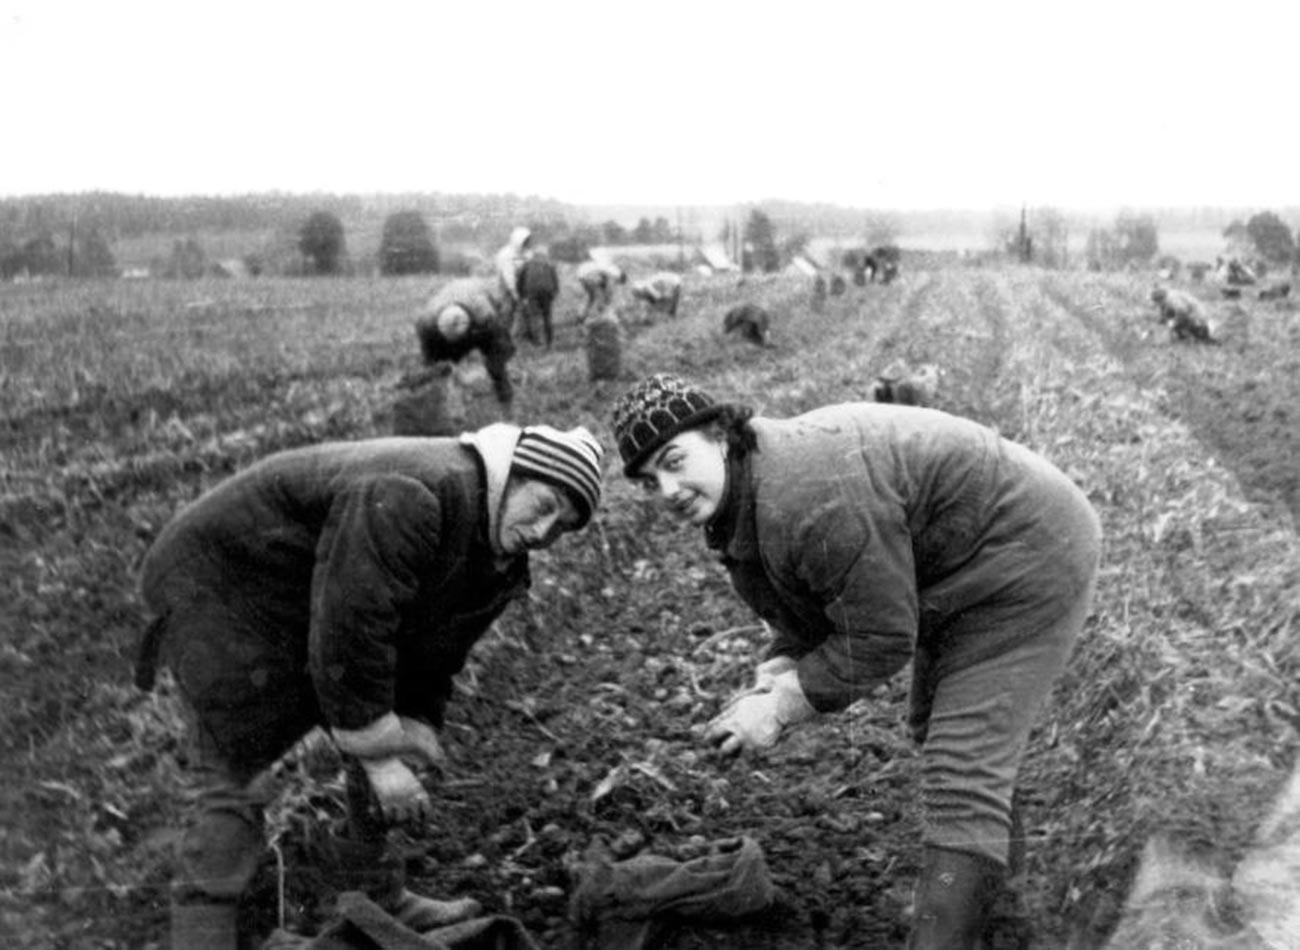 Étudiants de la faculté de biologie de l'Université d'État de Moscou travaillant dans les champs